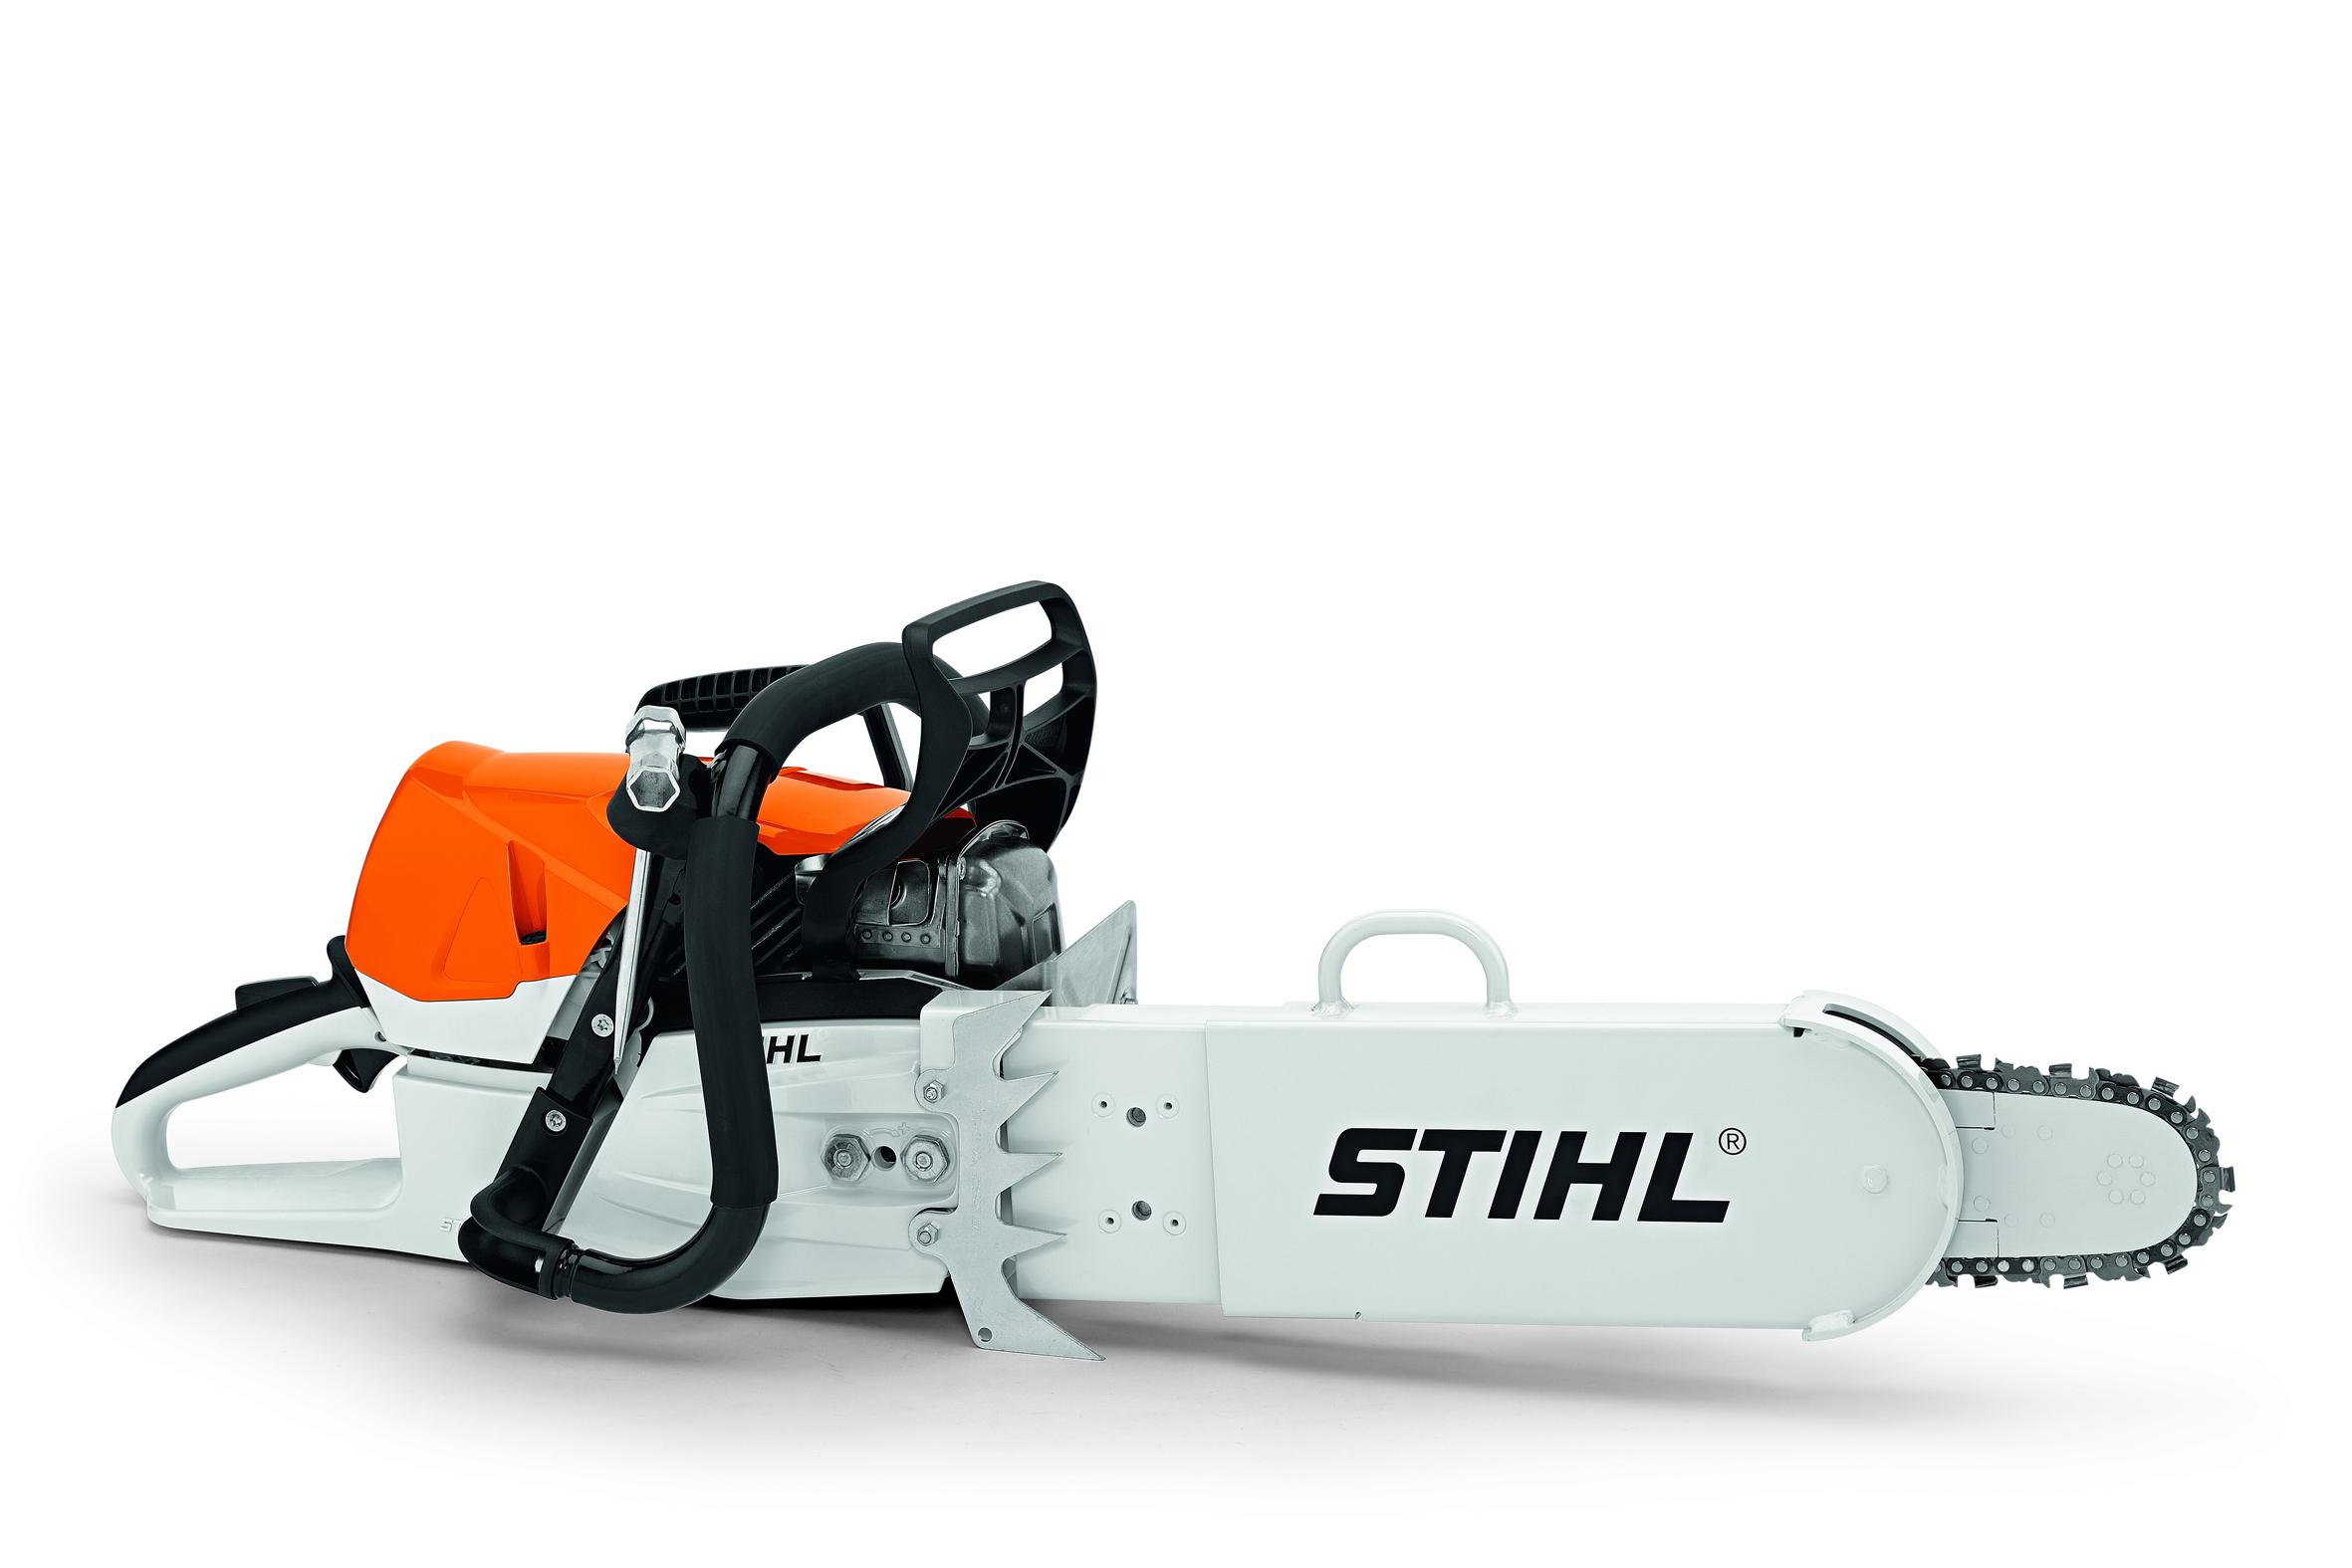 stihl: säge ms 462 hilft auch im rettungseinsatz